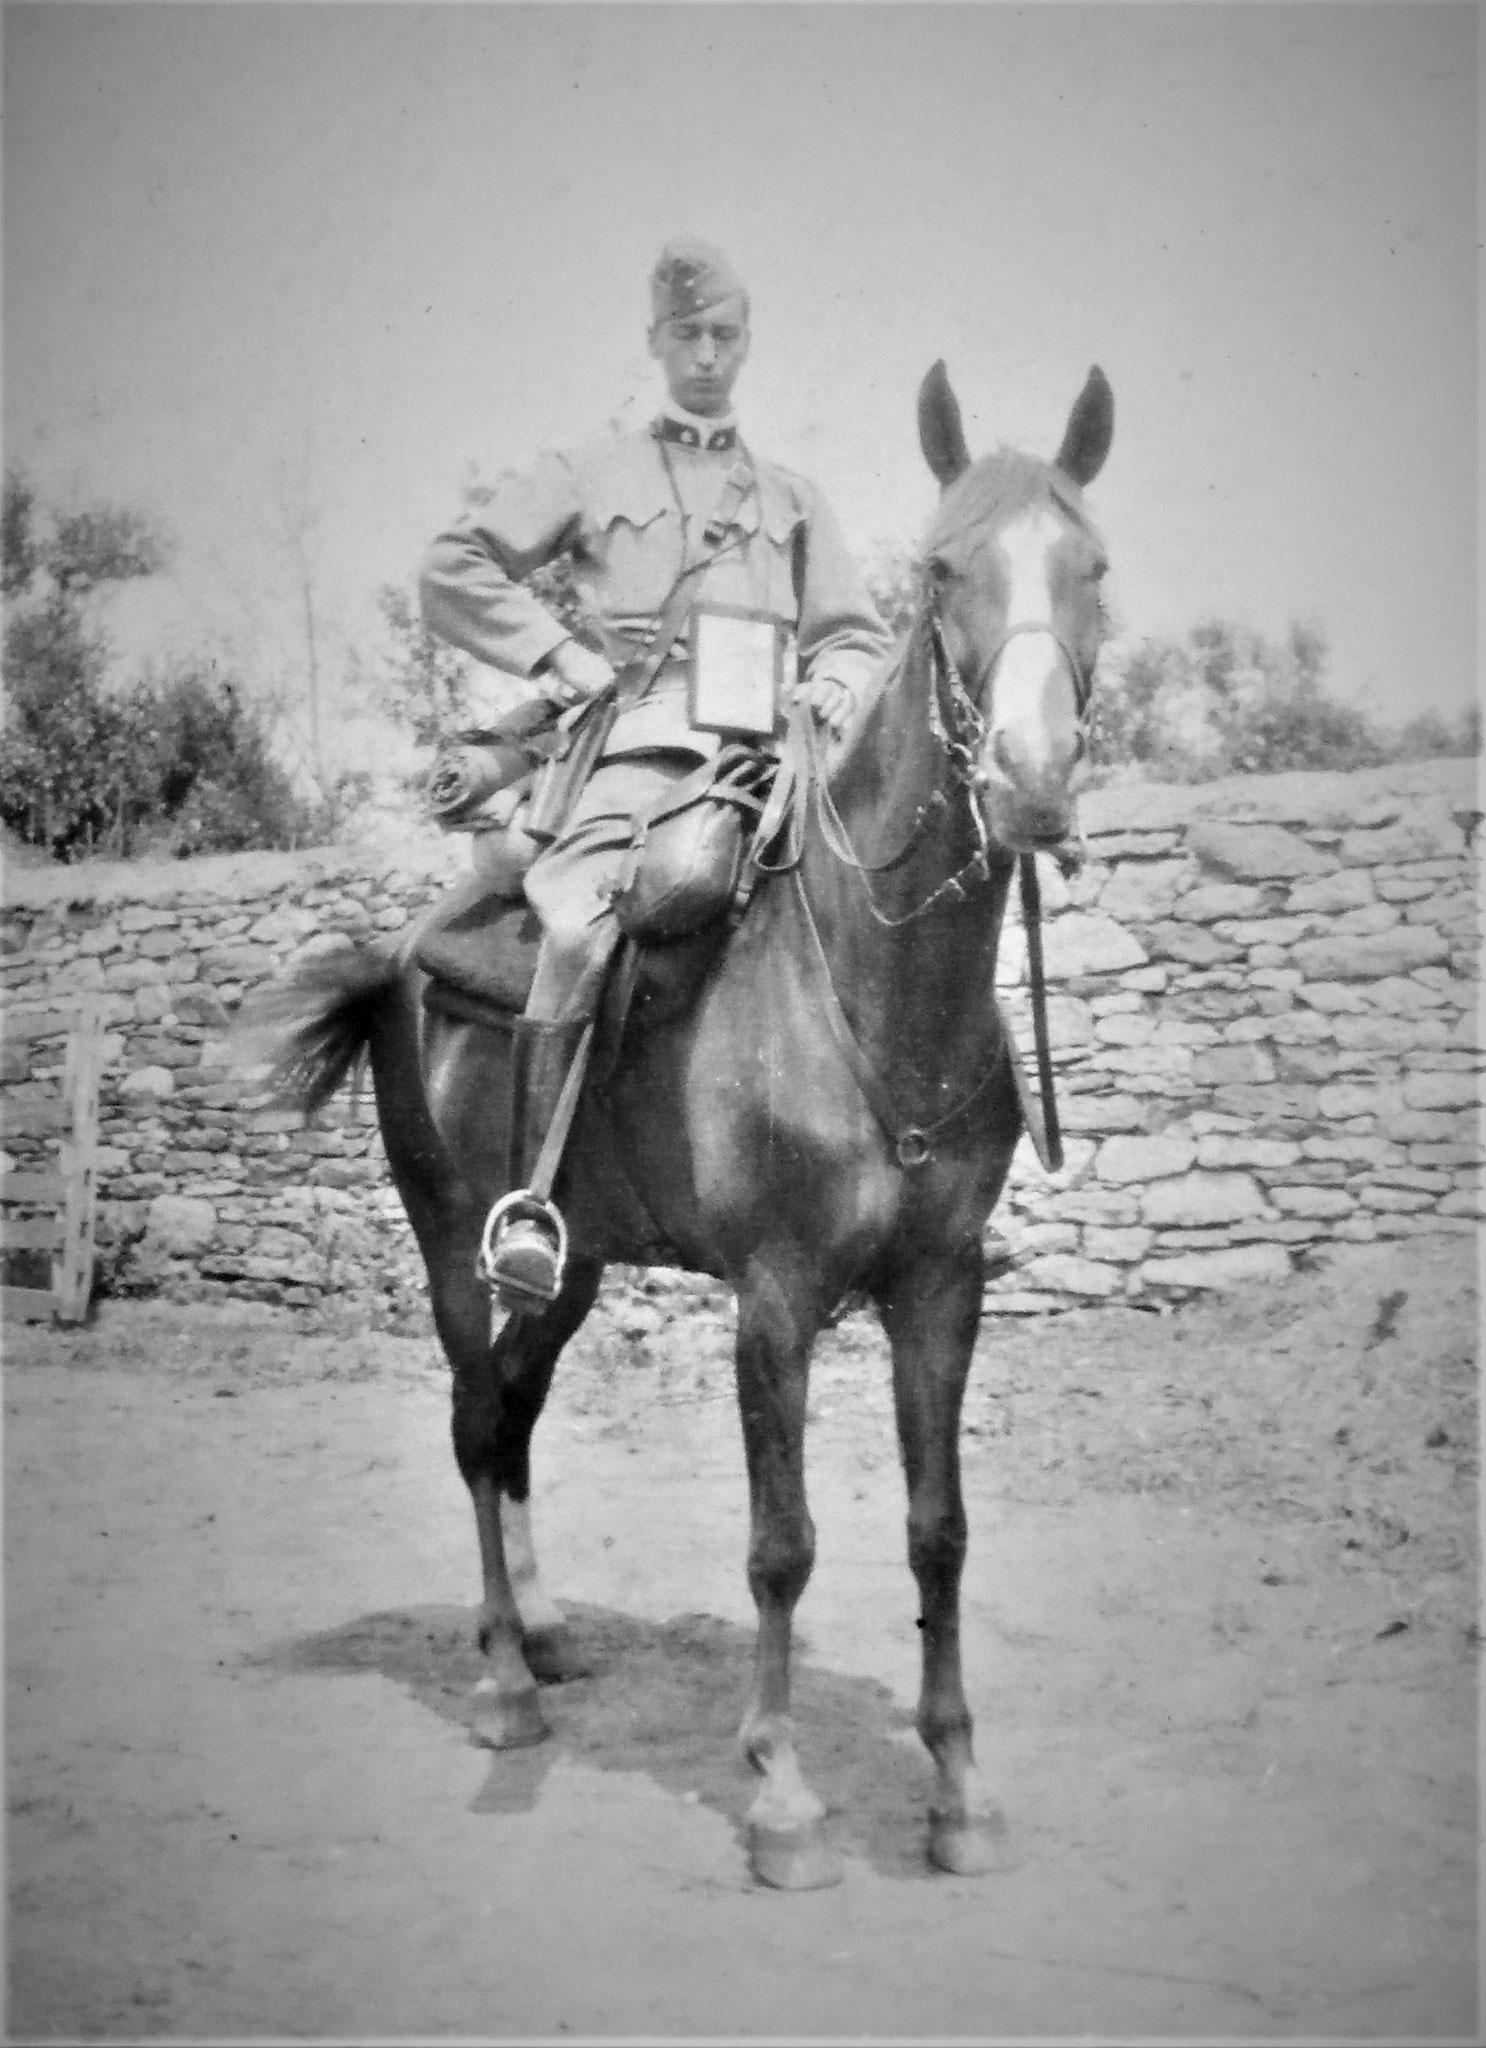 Lt. Nedwed (1. Zug d. 3. Esk).